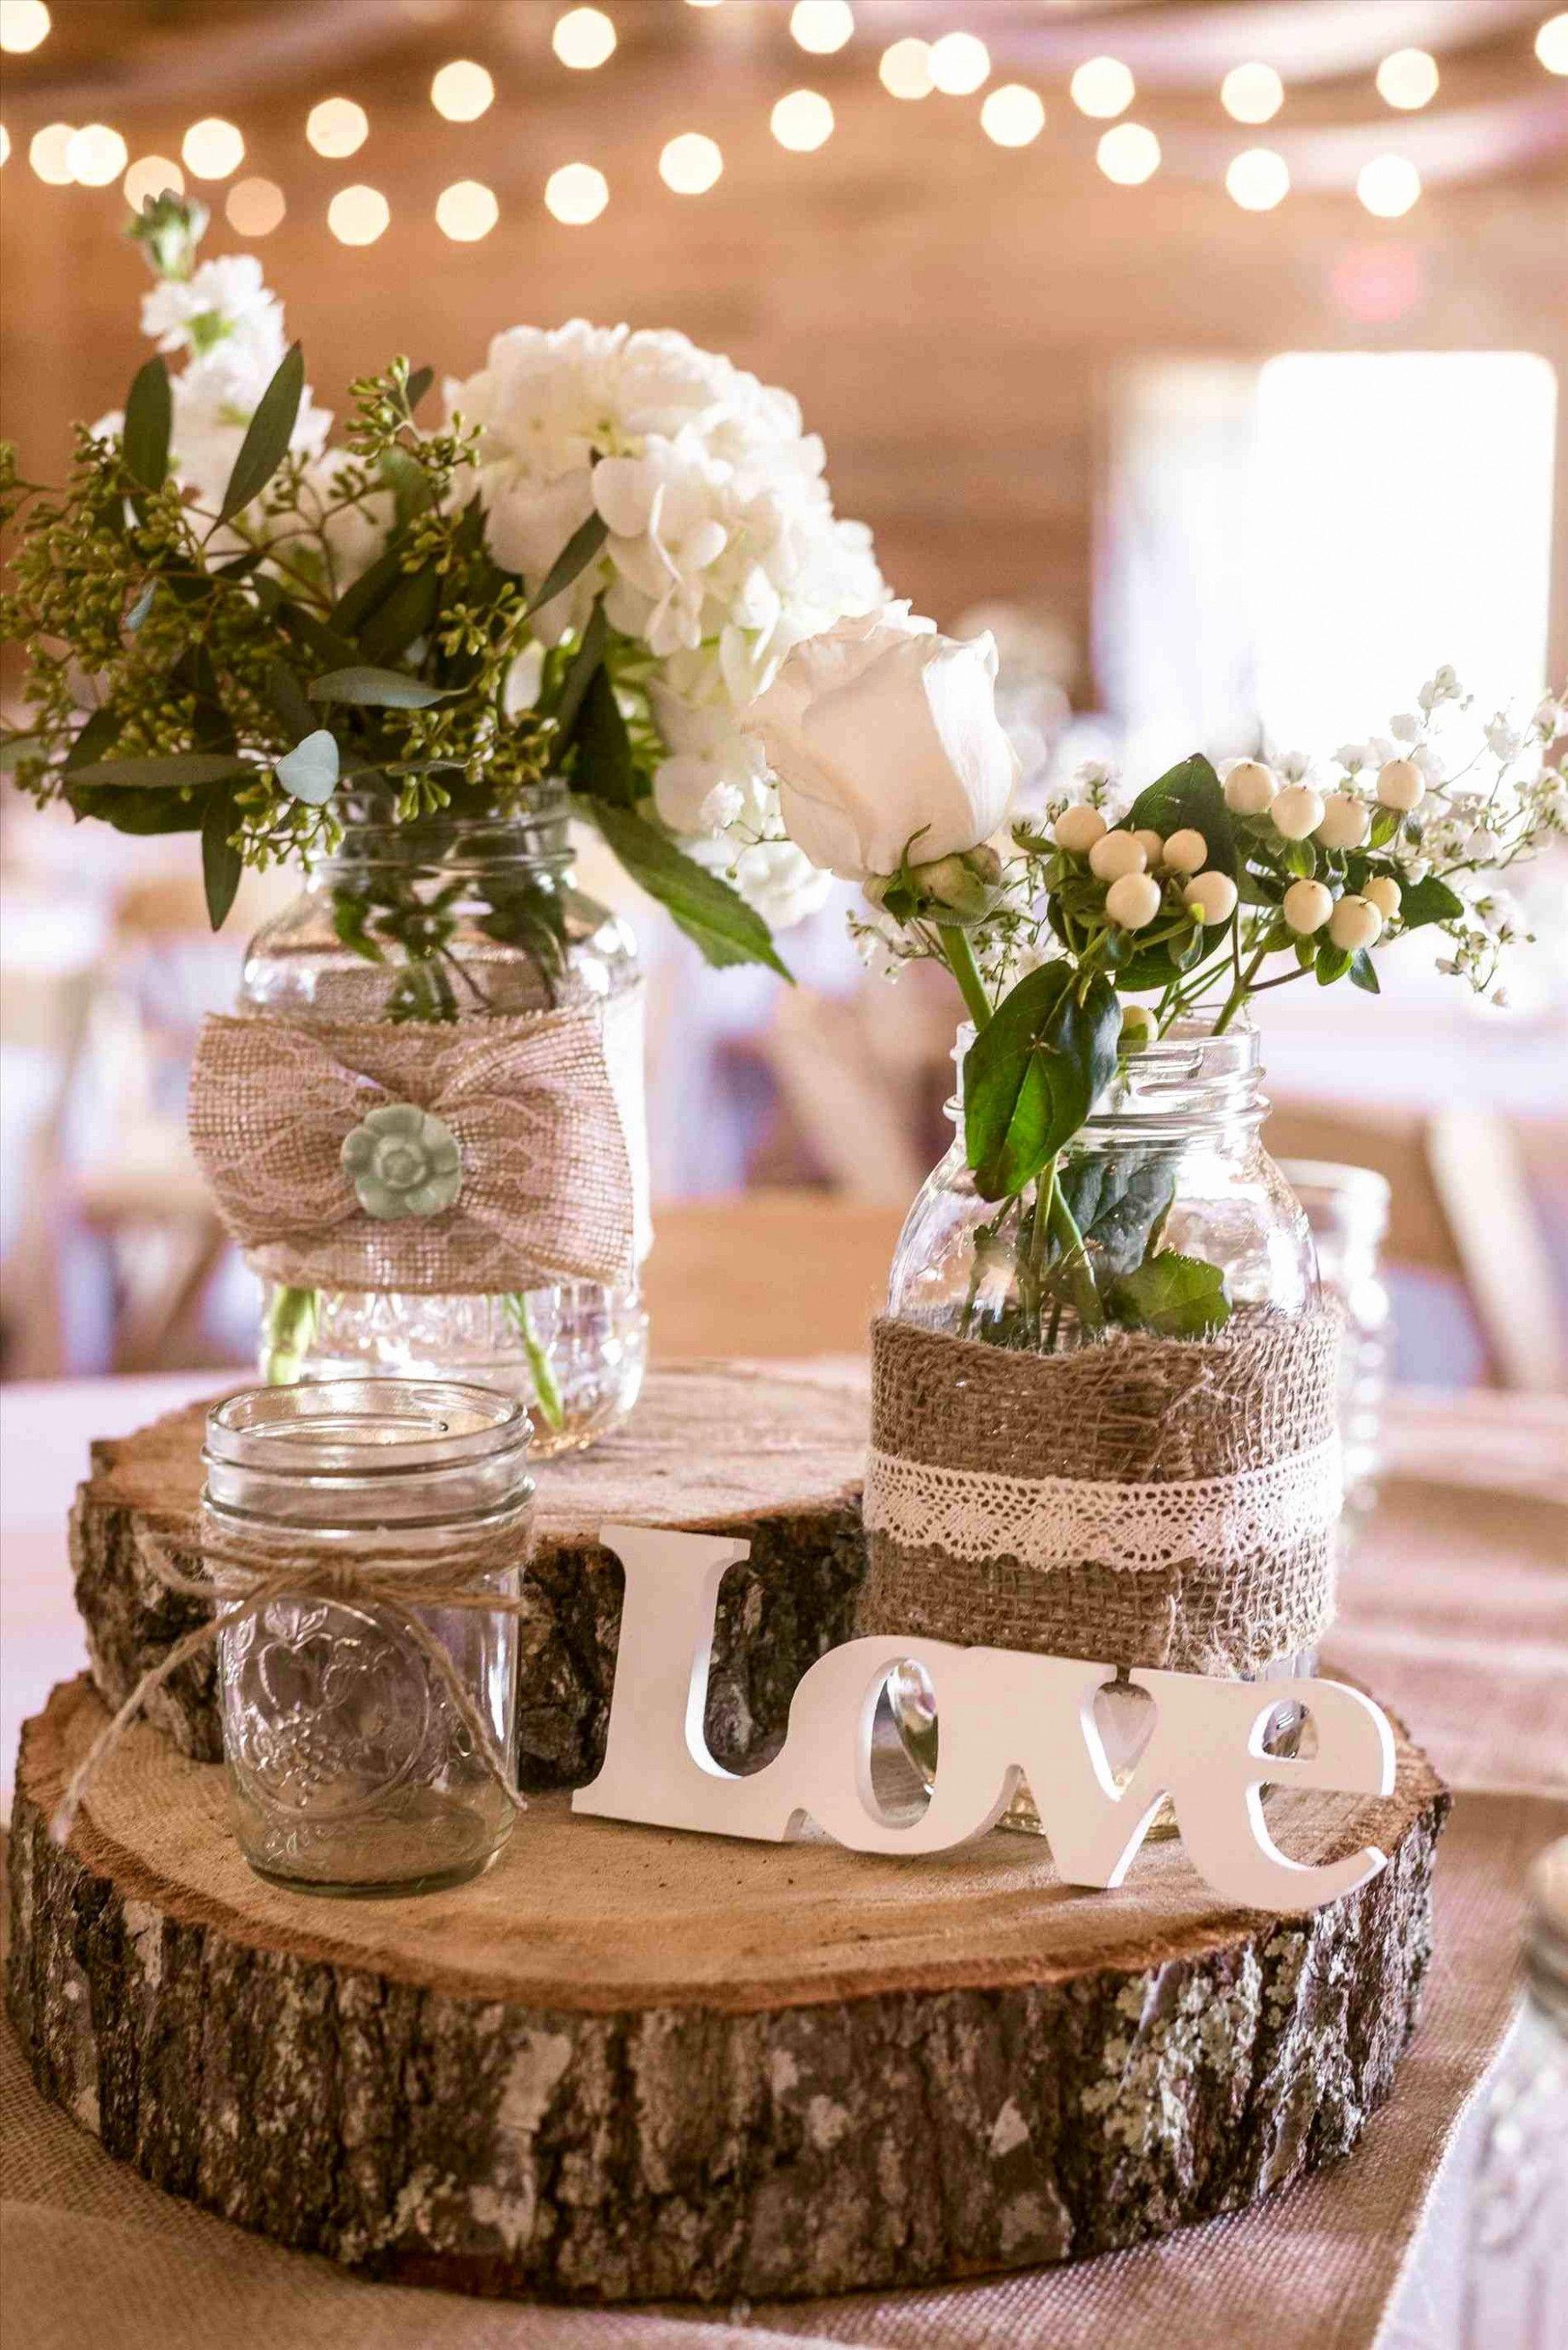 Simple Rustic Wedding Ideas Shabby Chic | Wedding centerpieces, Wedding  decorations, Rustic barn wedding